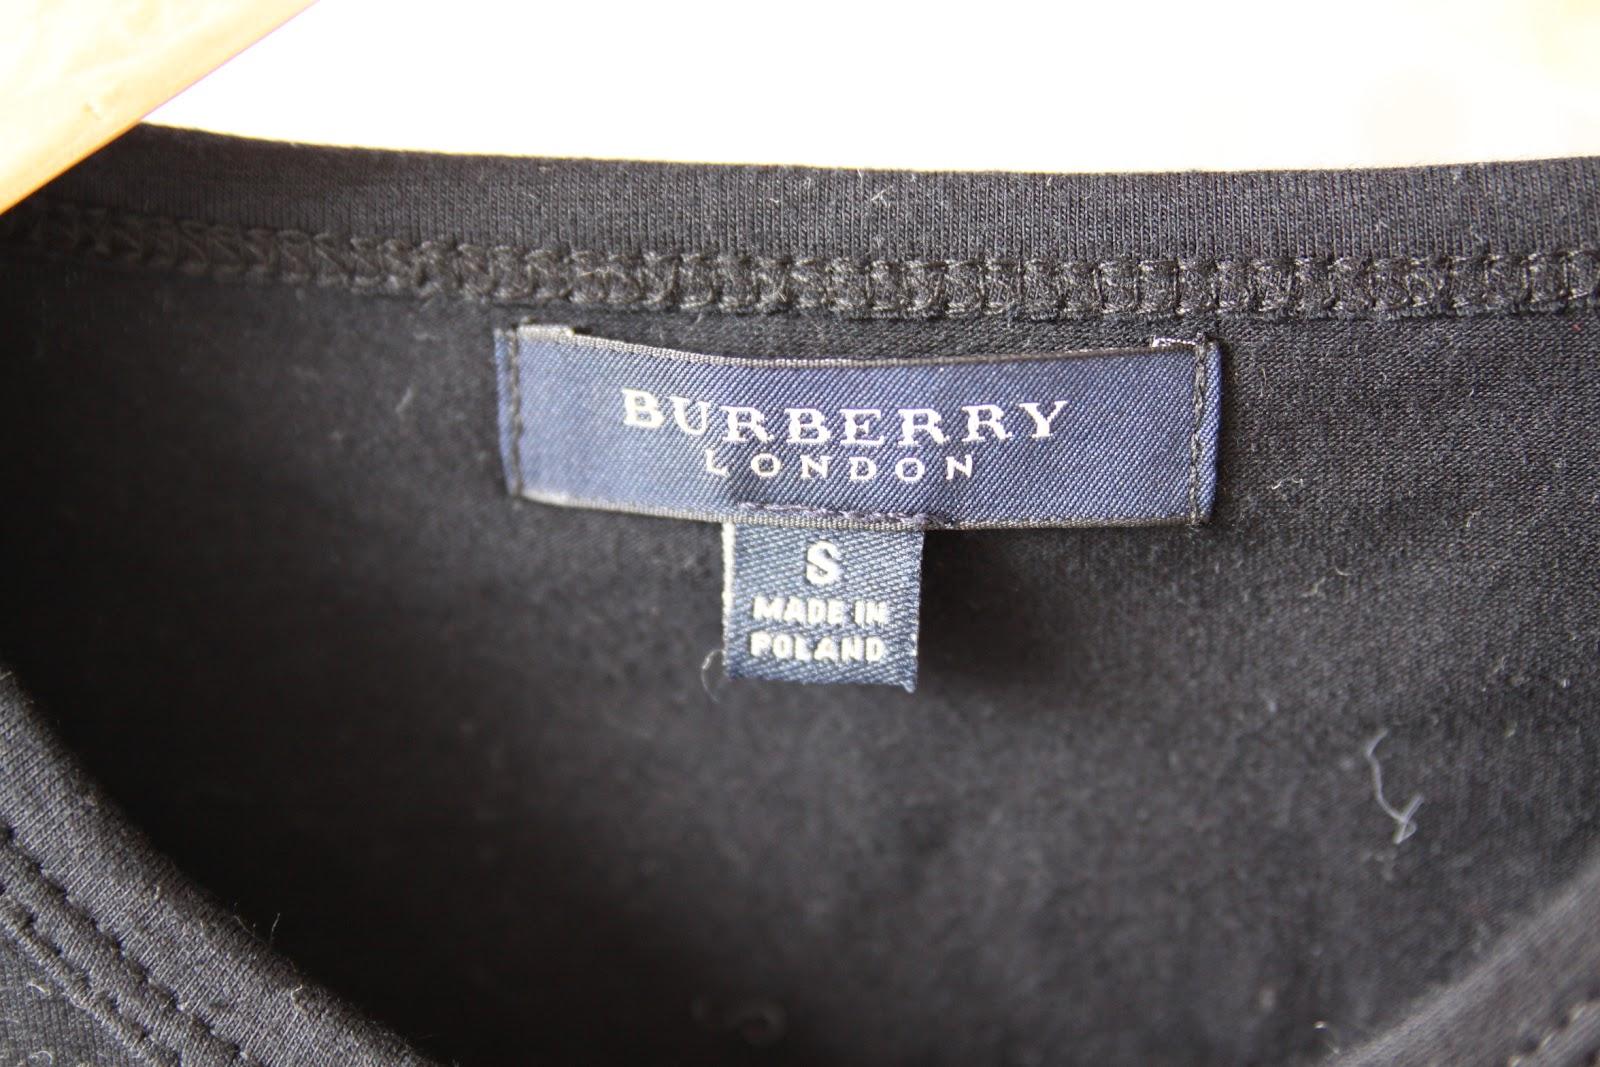 Shop in my closet d bardeur burberry t s - Paypal remboursement frais de port ...